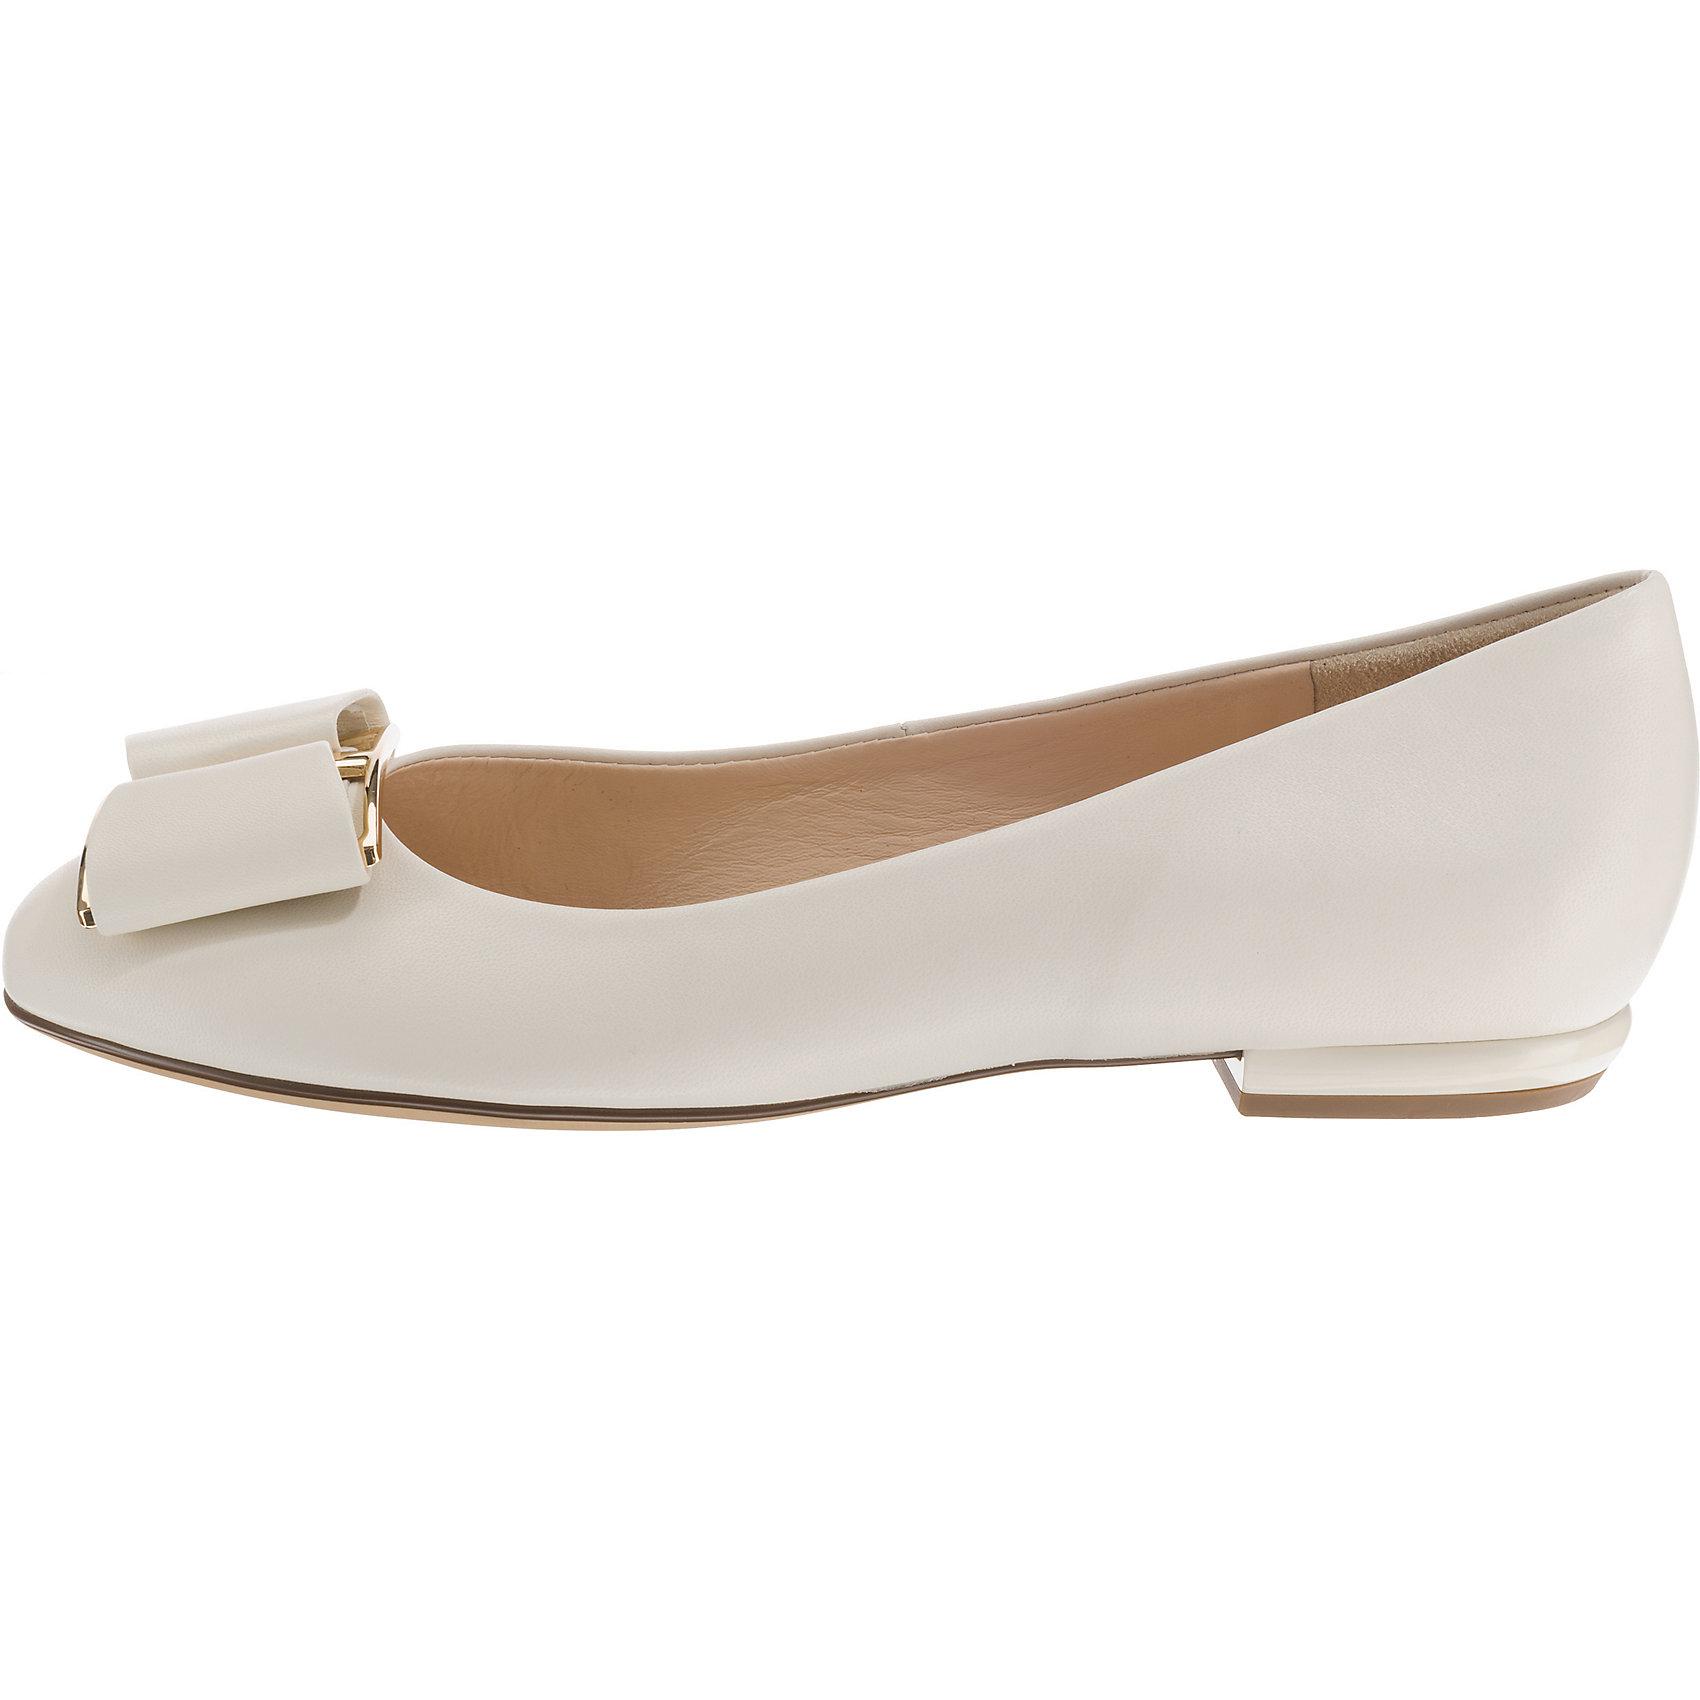 Neu högl Klassische Ballerinas 7146427 für Damen weiß